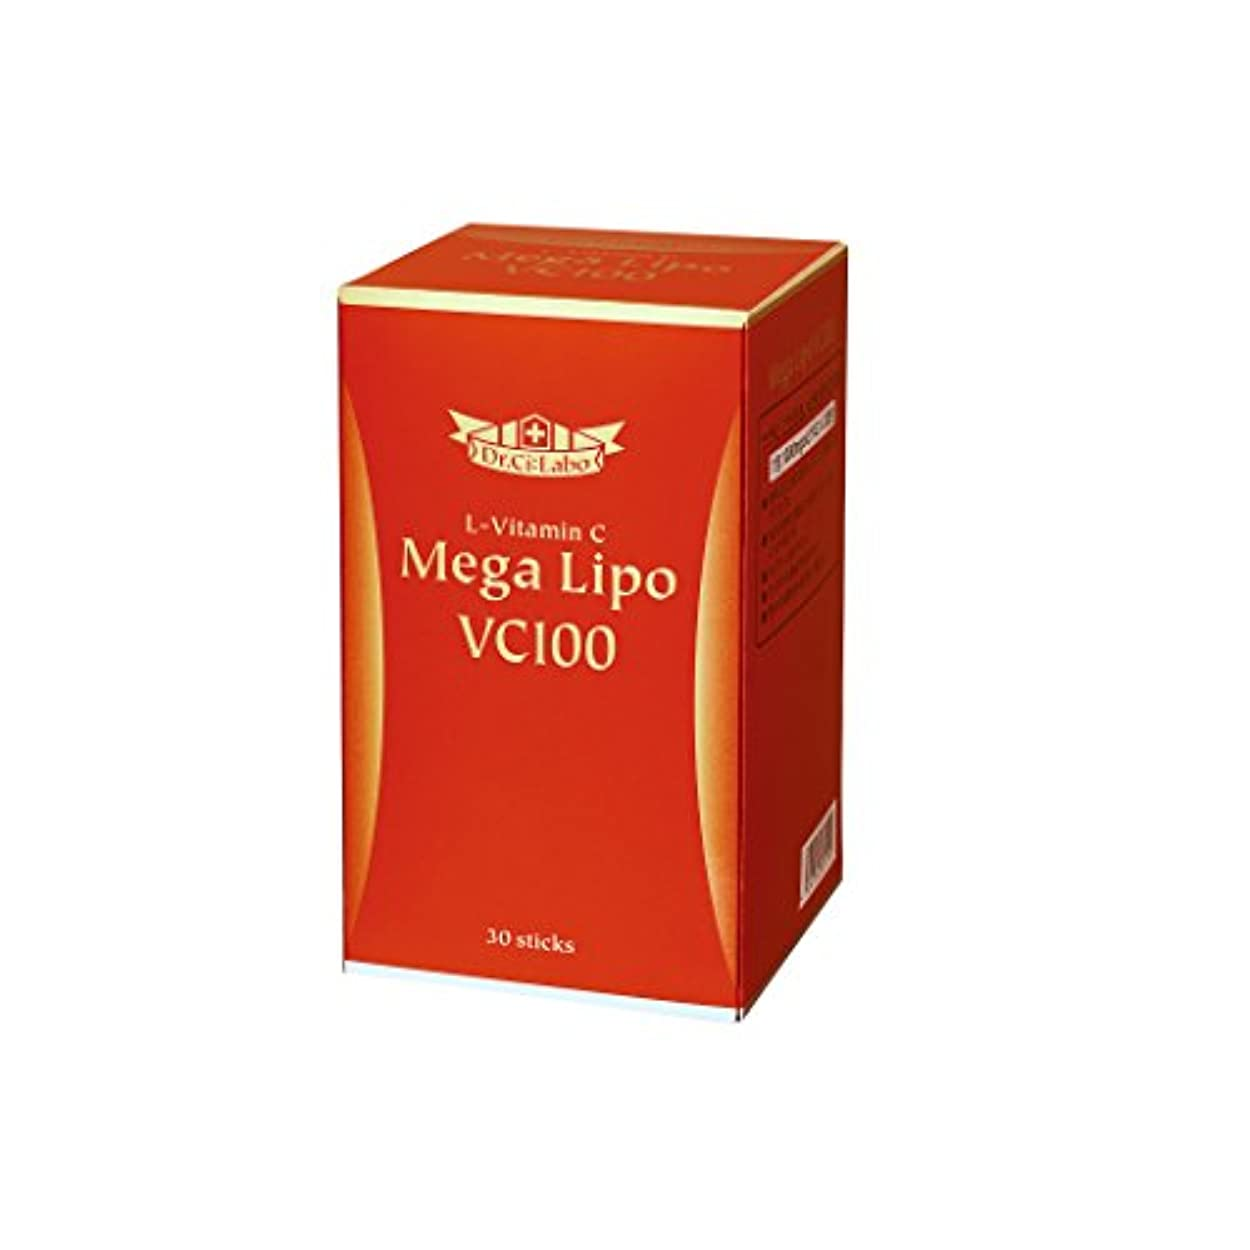 アグネスグレイドレス矛盾ドクターシーラボ メガリポVC100 2.8g×30包 美容サプリメント